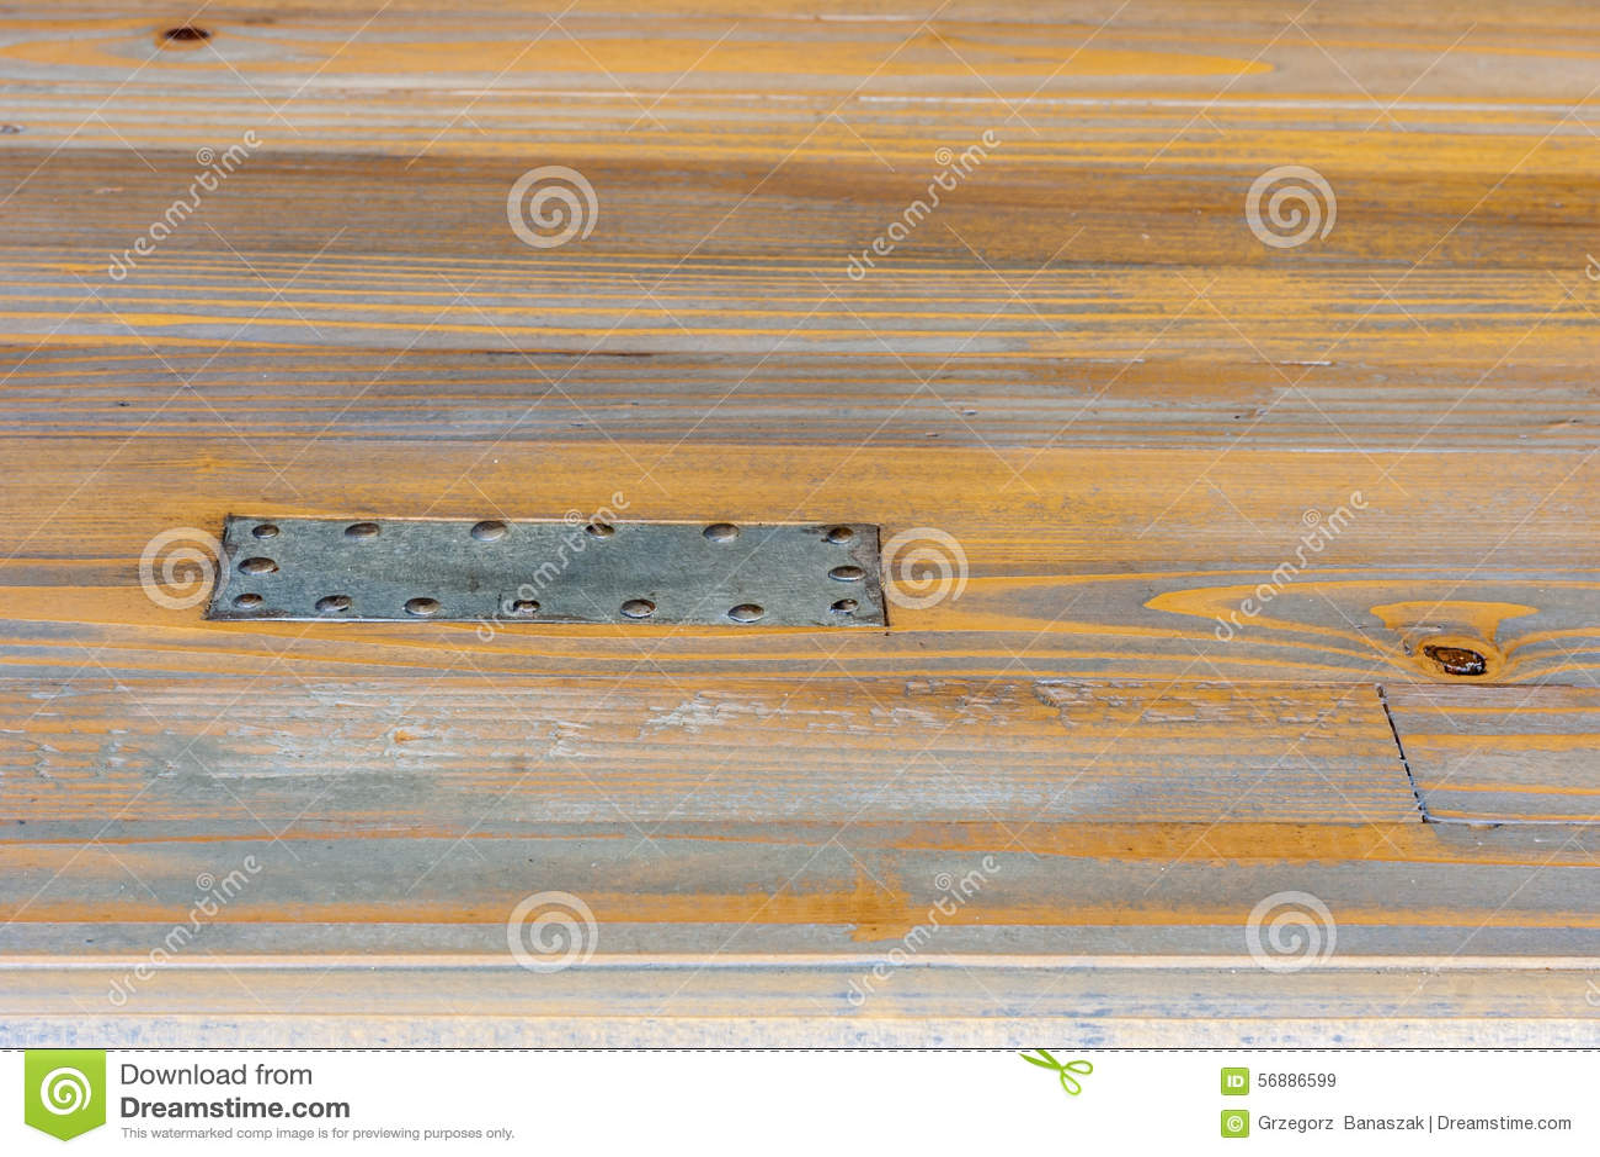 Staalplaat aan hout wordt genageld dat